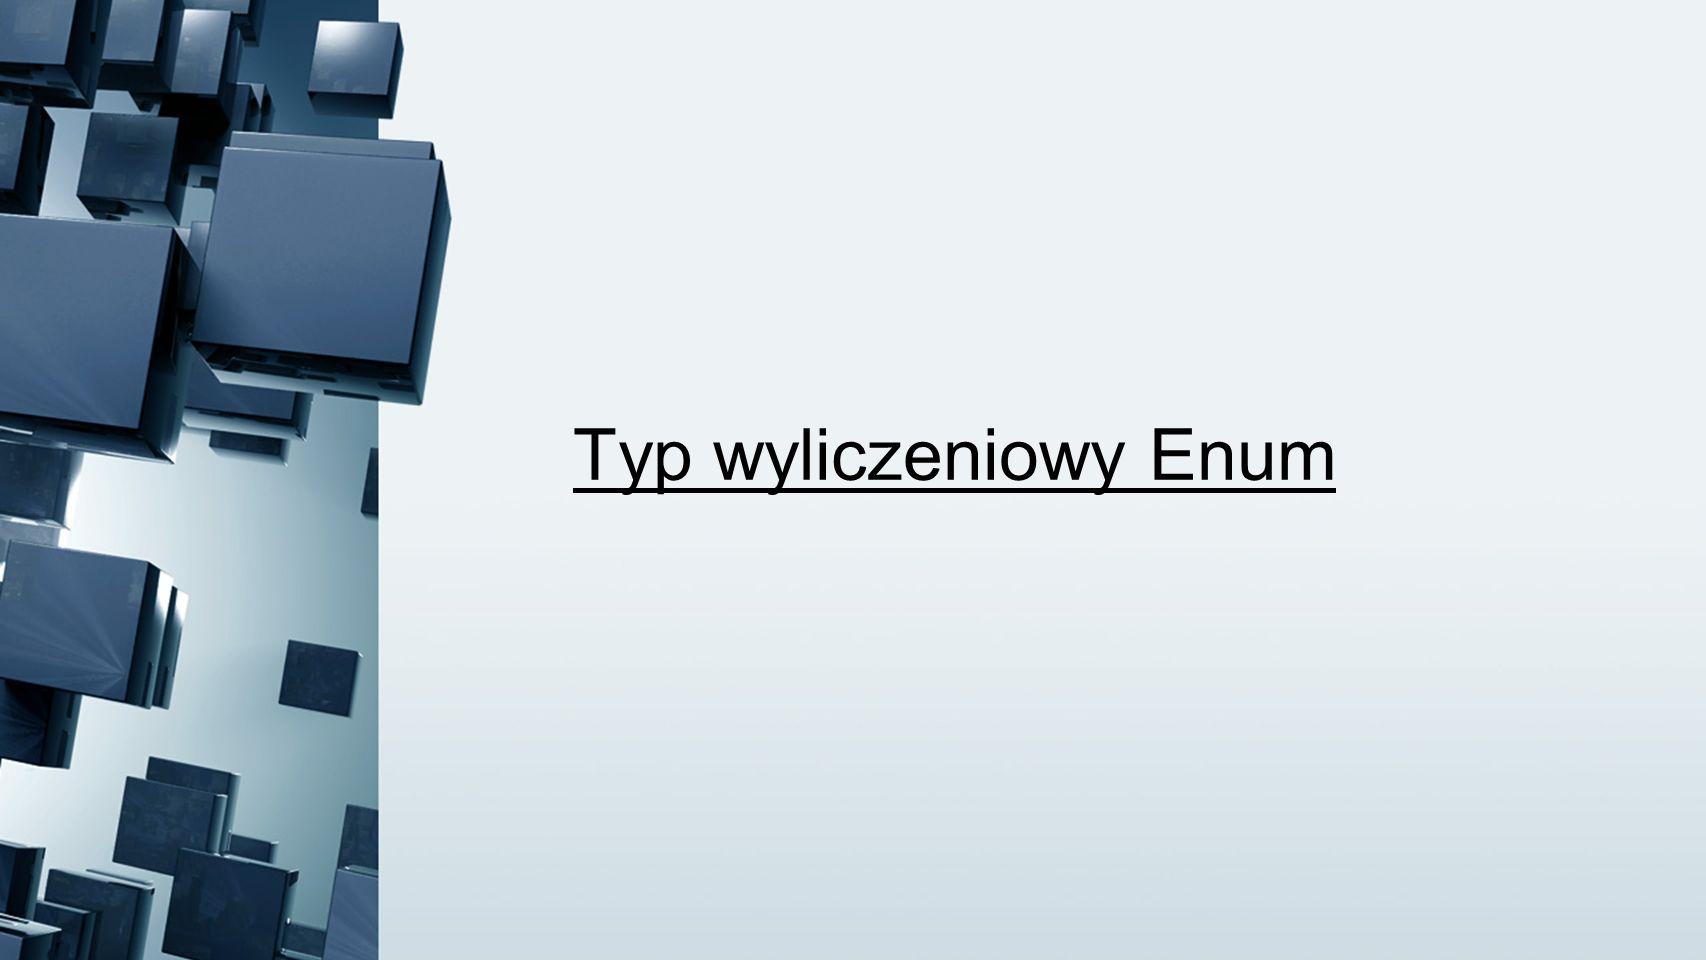 Typ wyliczeniowy Enum